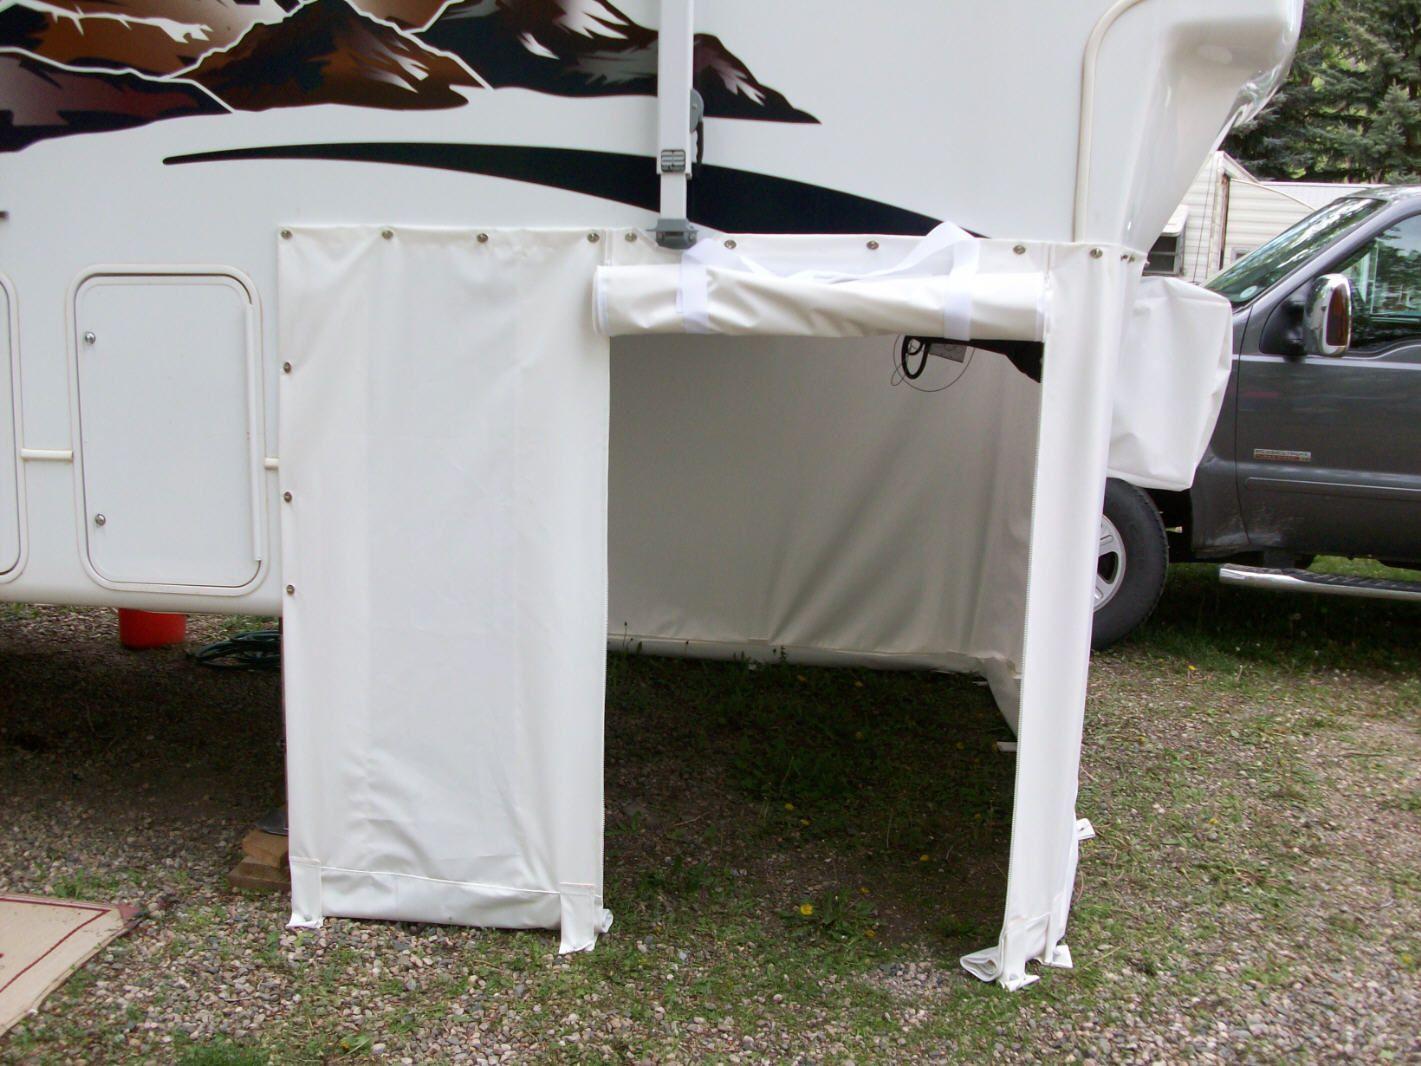 Pin By Garie Lyn Short On Storage Camper Living Camper Caravan 5th Wheel Camping